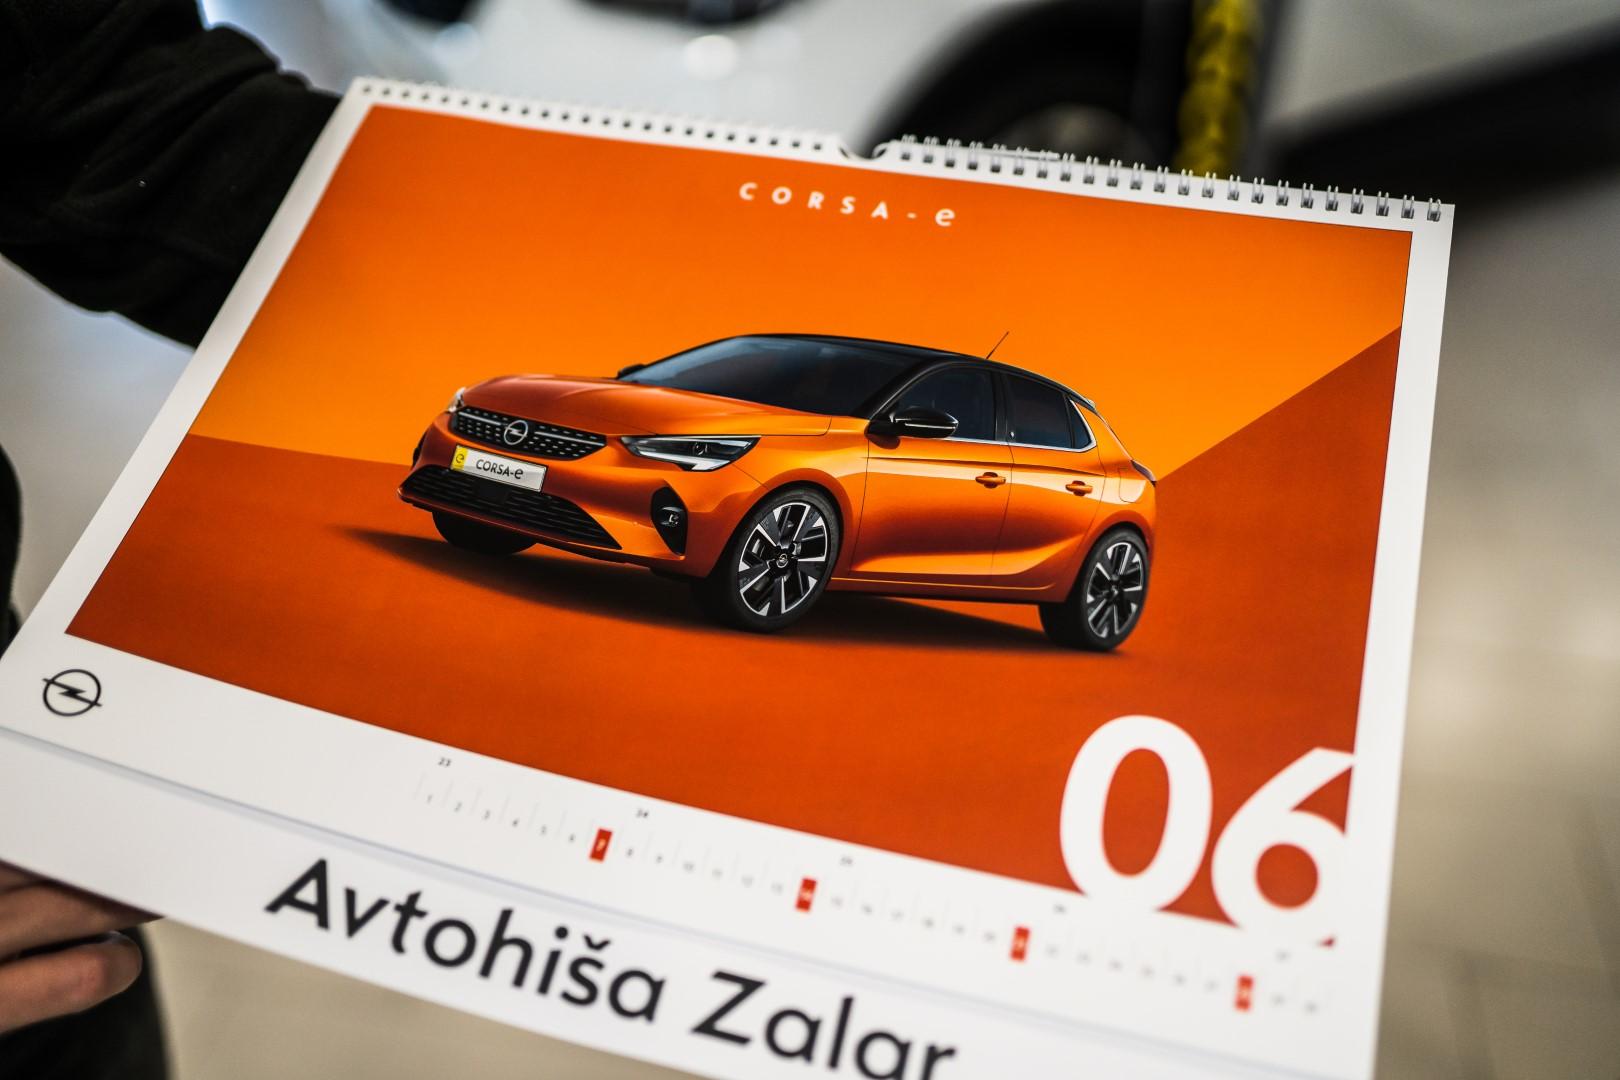 avtohisa-zalar-nakup-prodaja-vozil-astra-insignia-zavarovanje-servis (9)